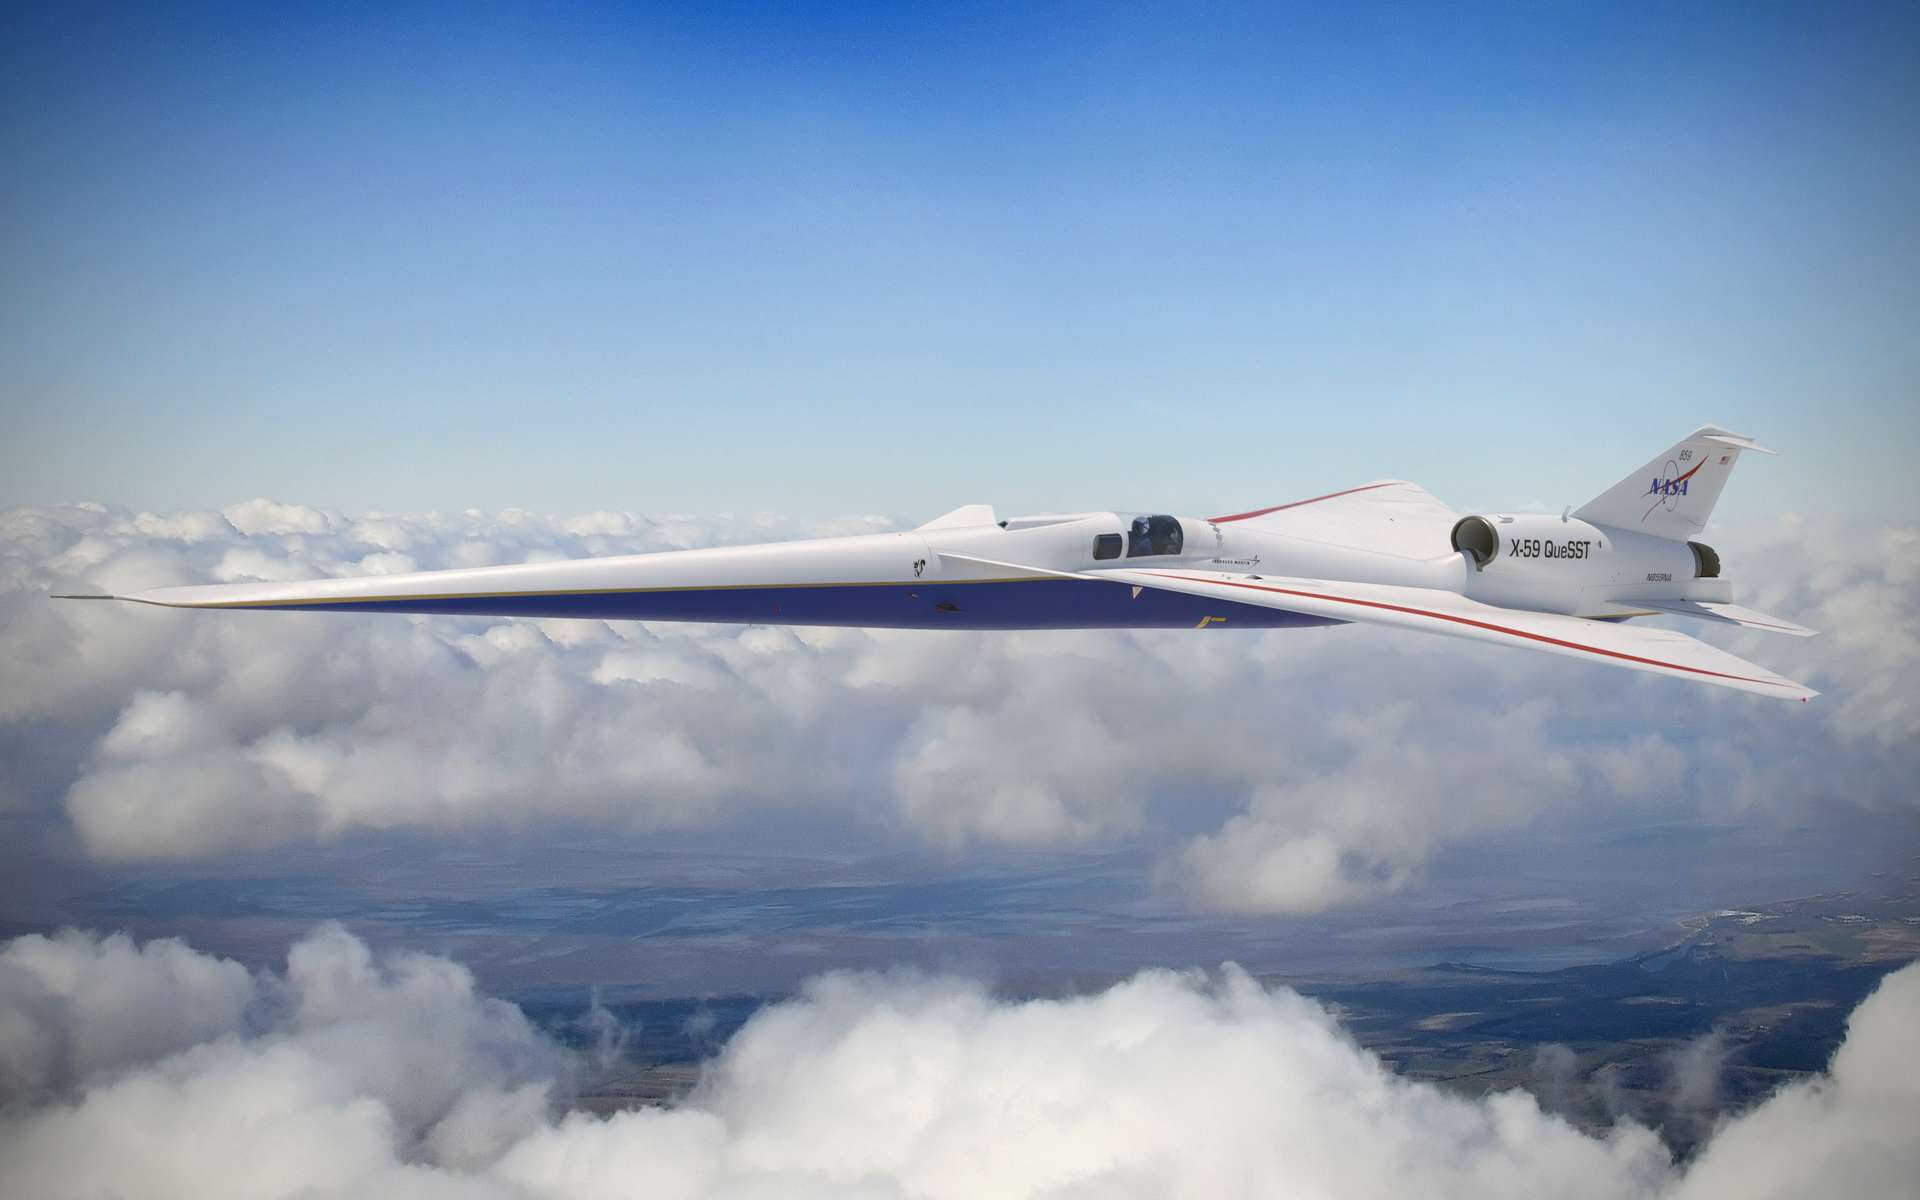 Le X-59 développé par Lockheed Martin et la Nasa est conçu pour produire un boom supersonique ultra-discret. © Lockheed Martin